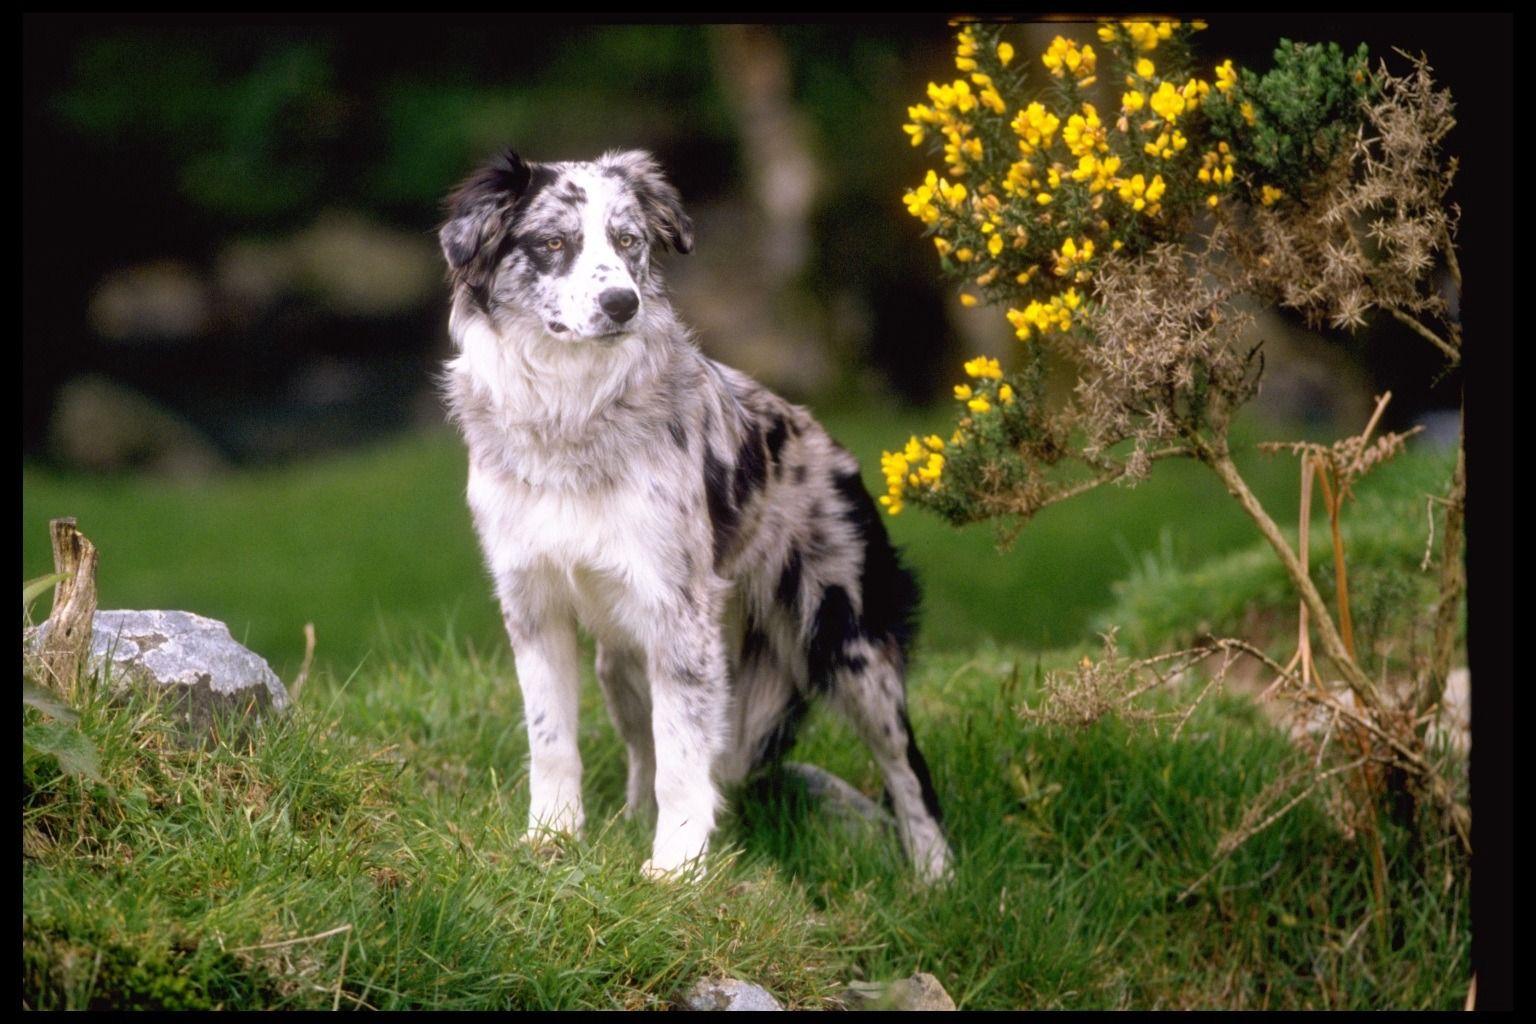 Border Collie Border collie, Collie dog, Border collie dog